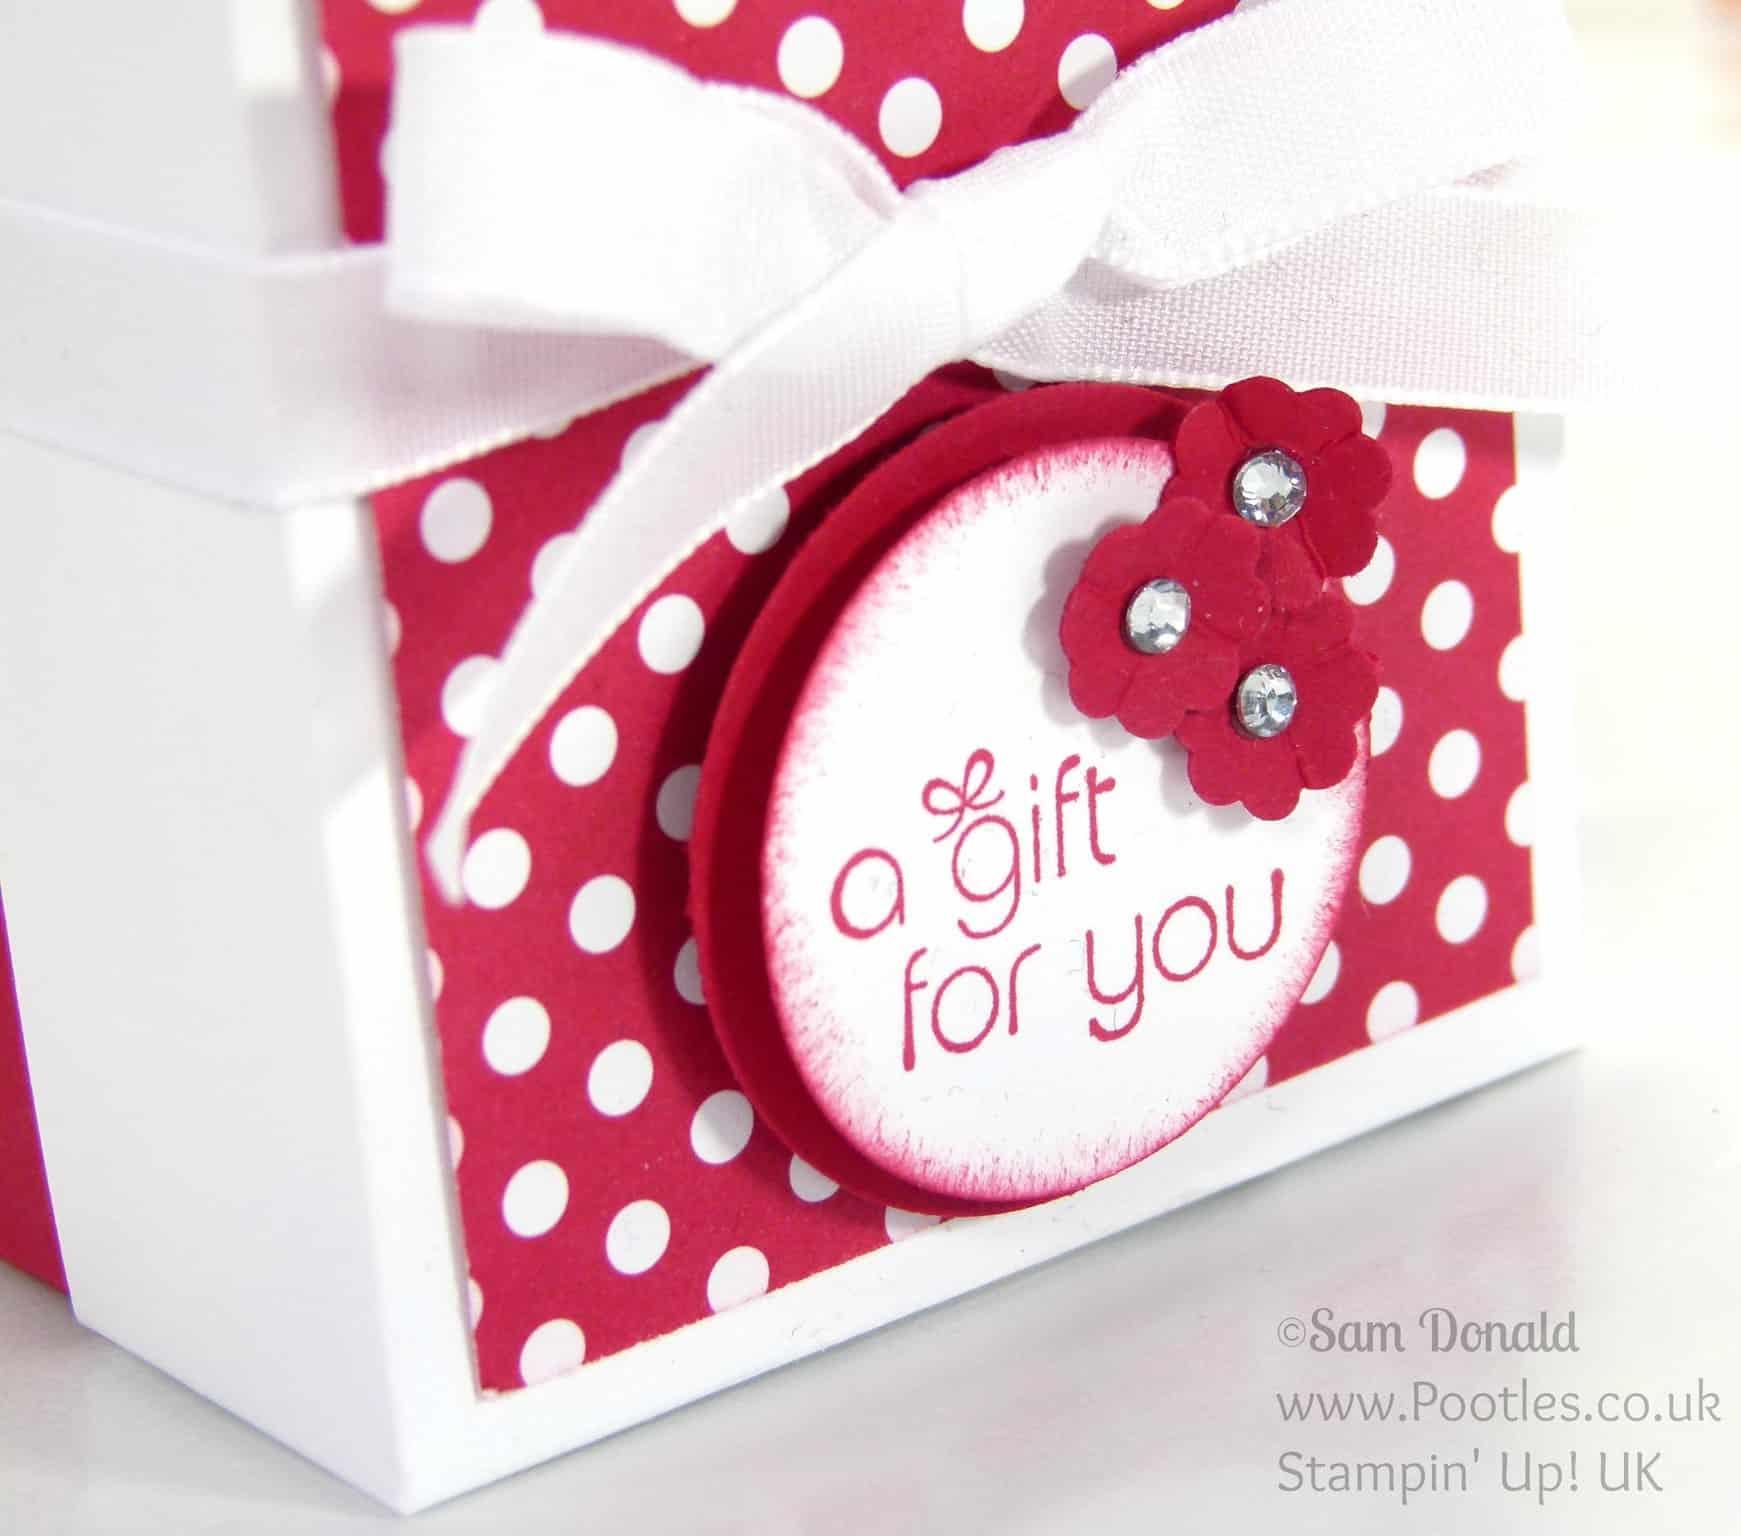 POOTLES Stampin' Up! UK The Spotty Box +Bonus Customer Gift Stamping Detail